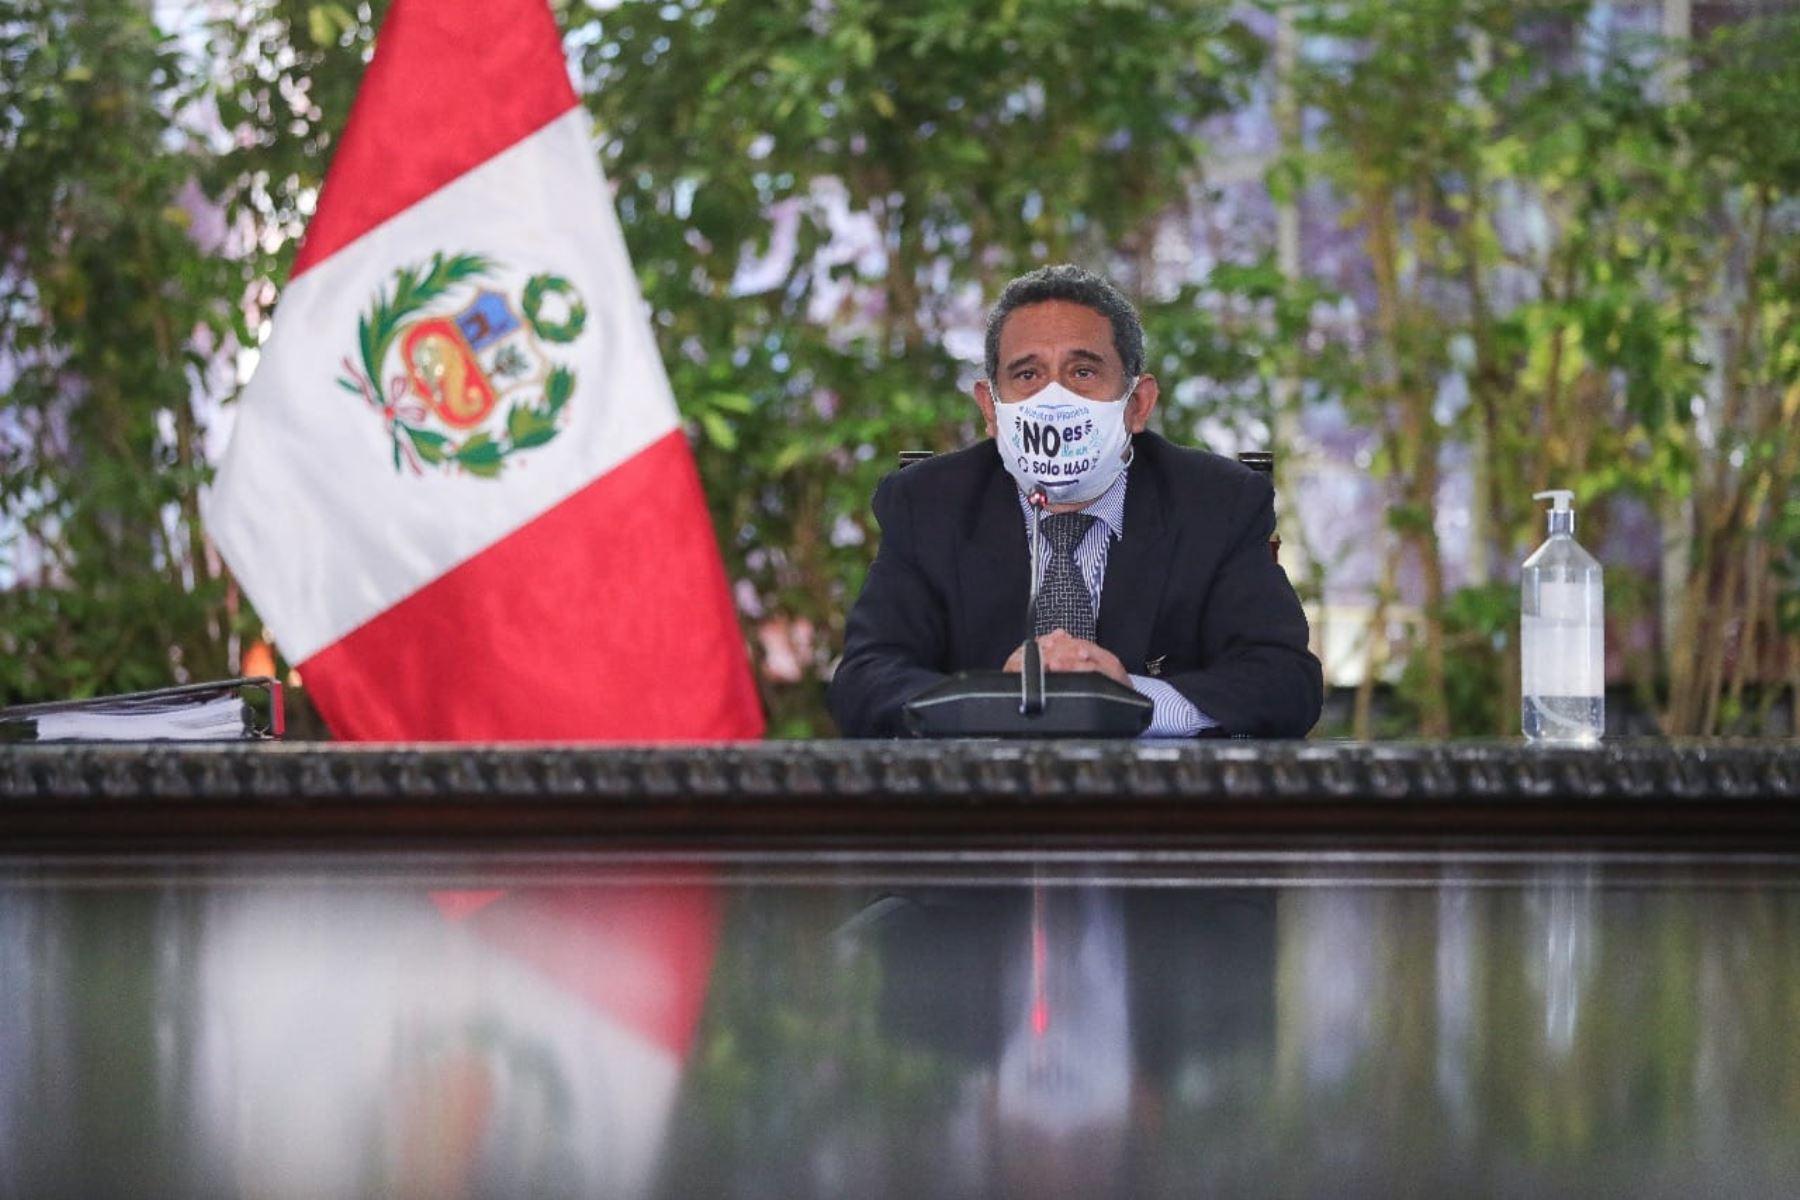 La ceremonia se lleva a cabo en el marco de una nueva sesión del Consejo de Ministros que se realiza desde la mañana en la sede del Ejecutivo. Foto: ANDINA/ Prensa Presidencia